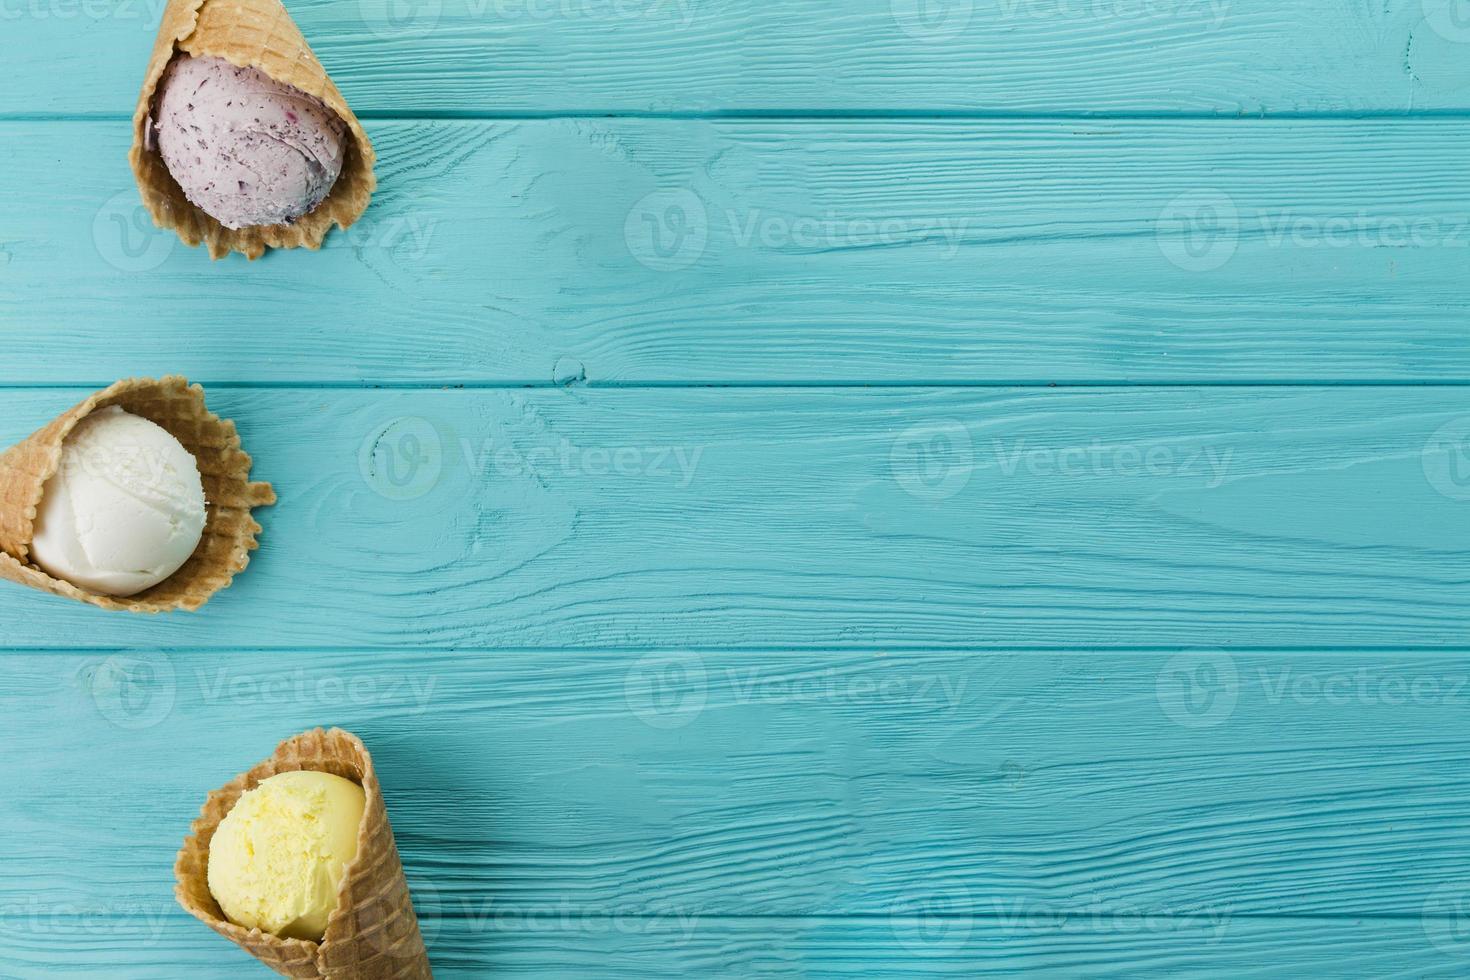 casquinhas de sorvete com sabores diferentes na mesa de madeira azul foto